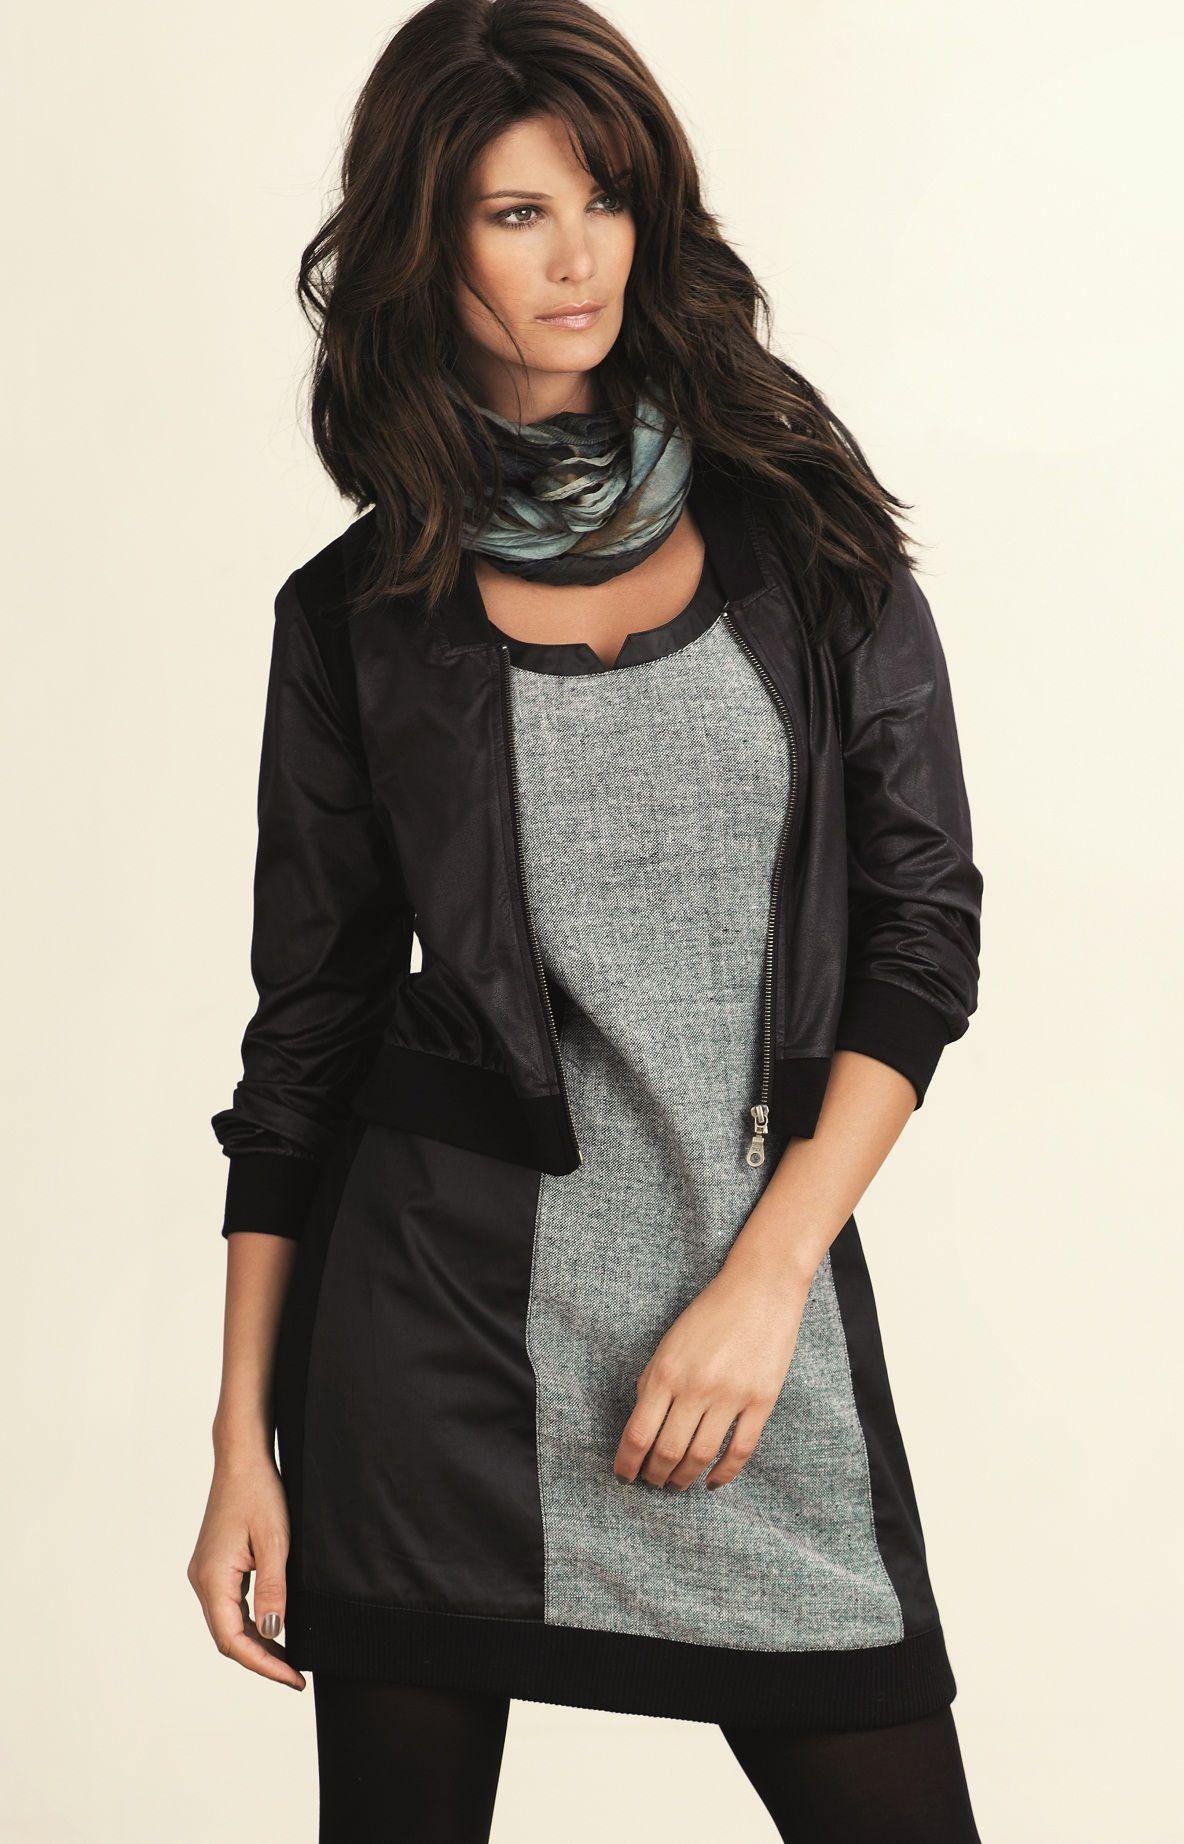 Kjole warmtrend   Trendy & pen komfortabel kjole med ull & god passform. Kjolen er av mykt materiale med ull